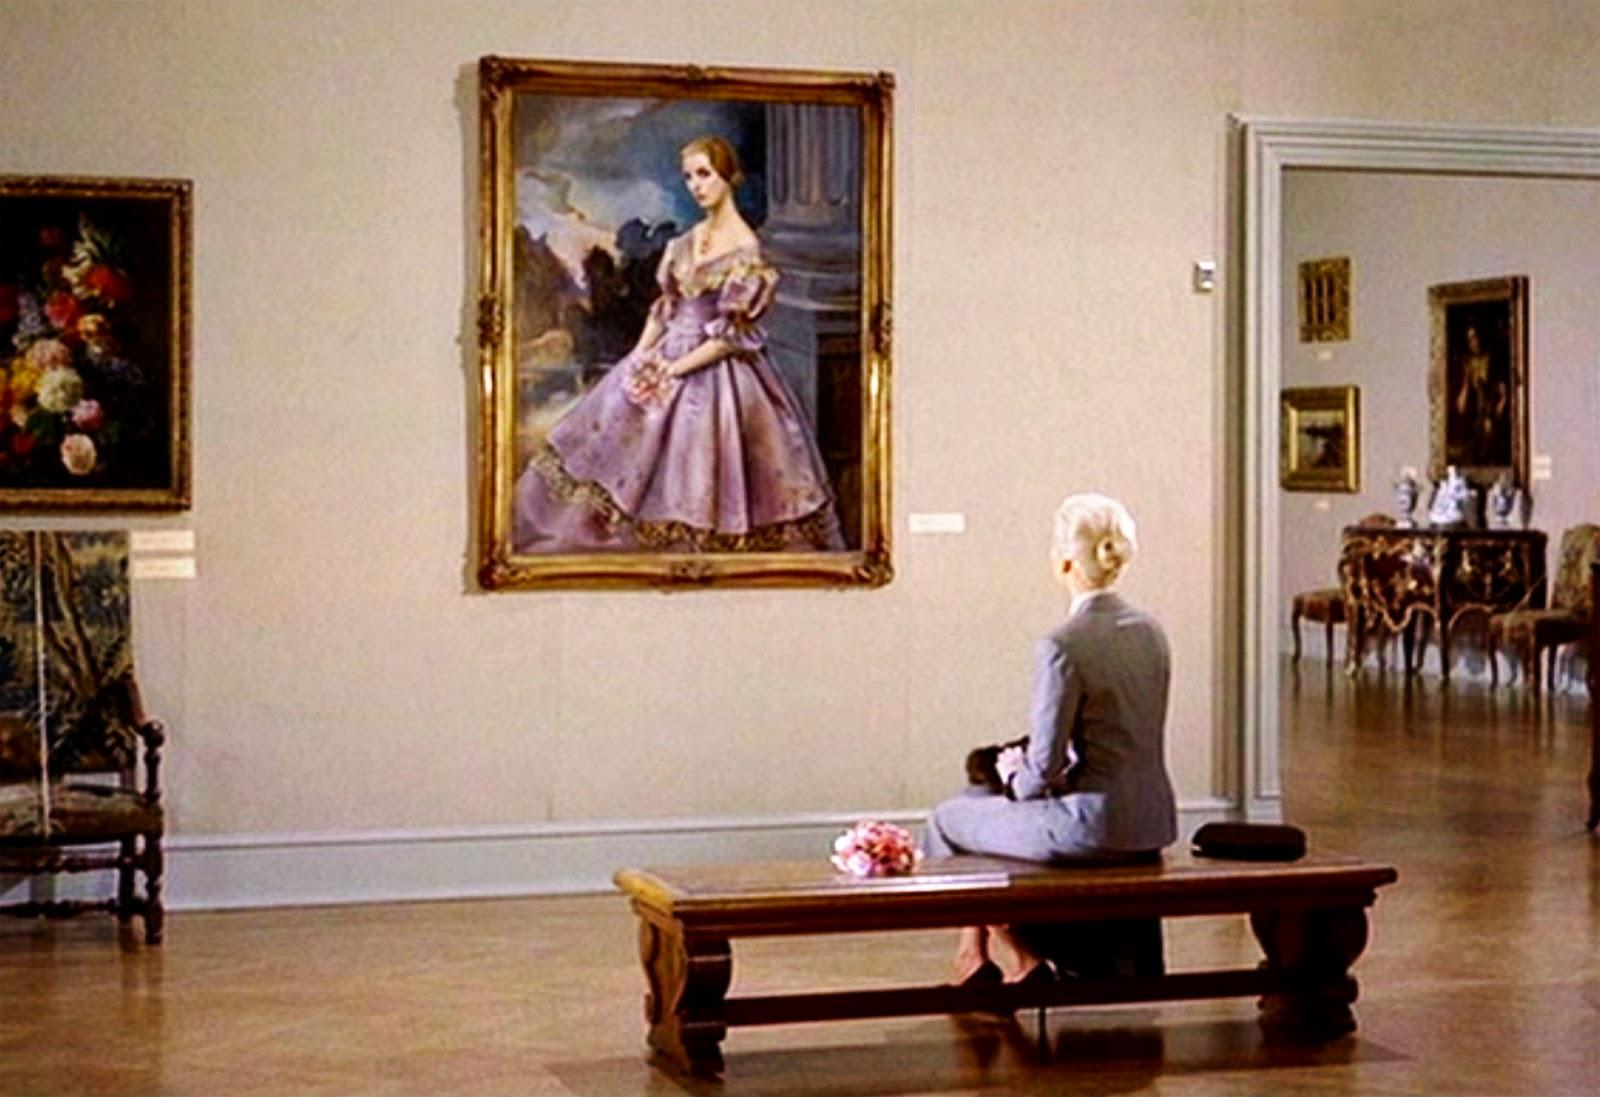 Top 10 Museos en el cine - ENFILME.COM